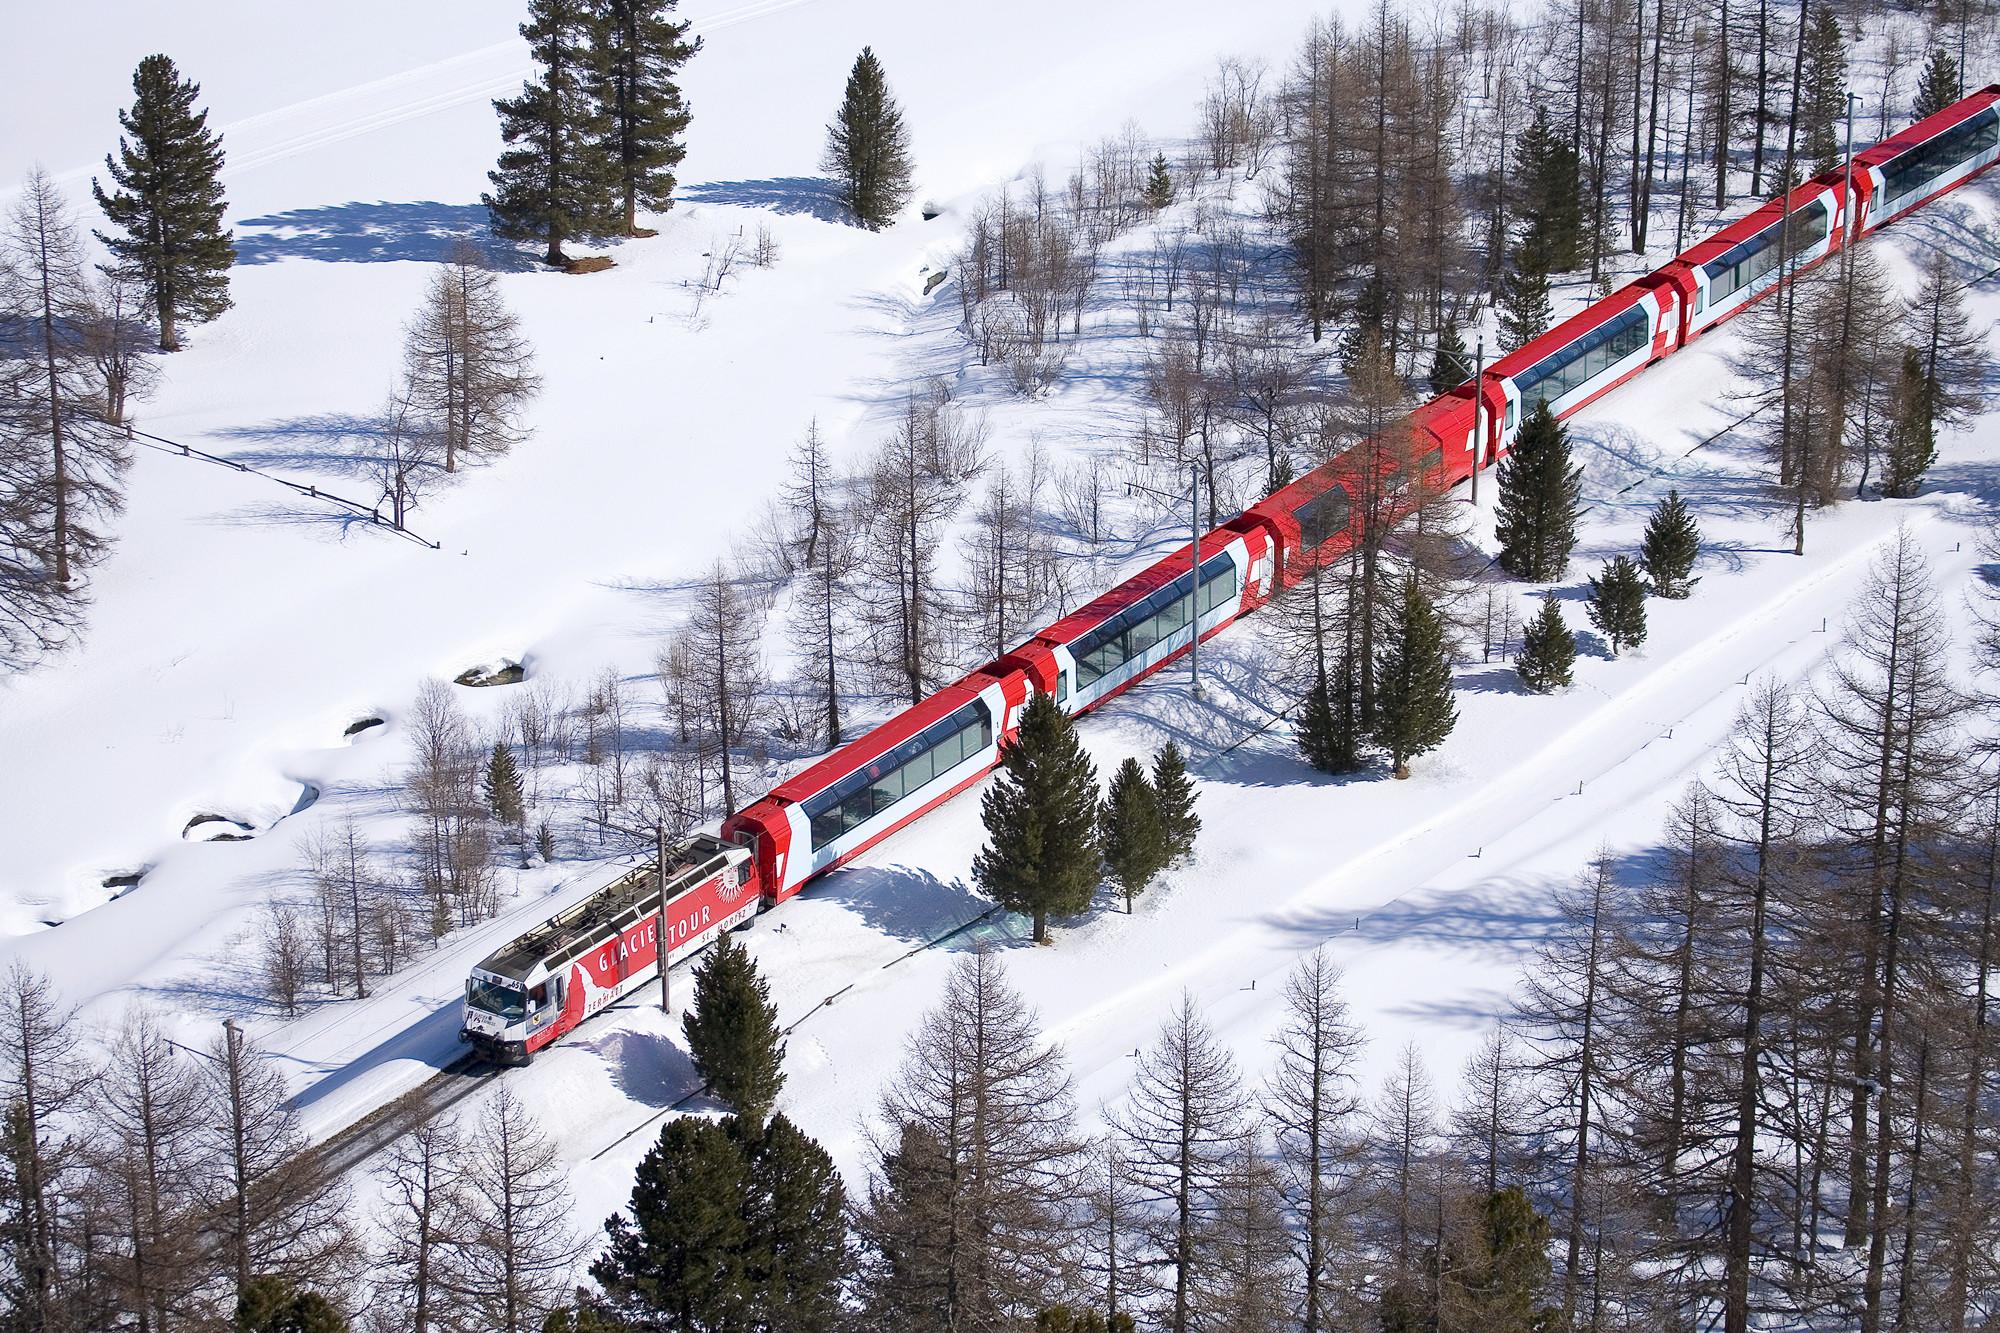 瑞士冰川快线